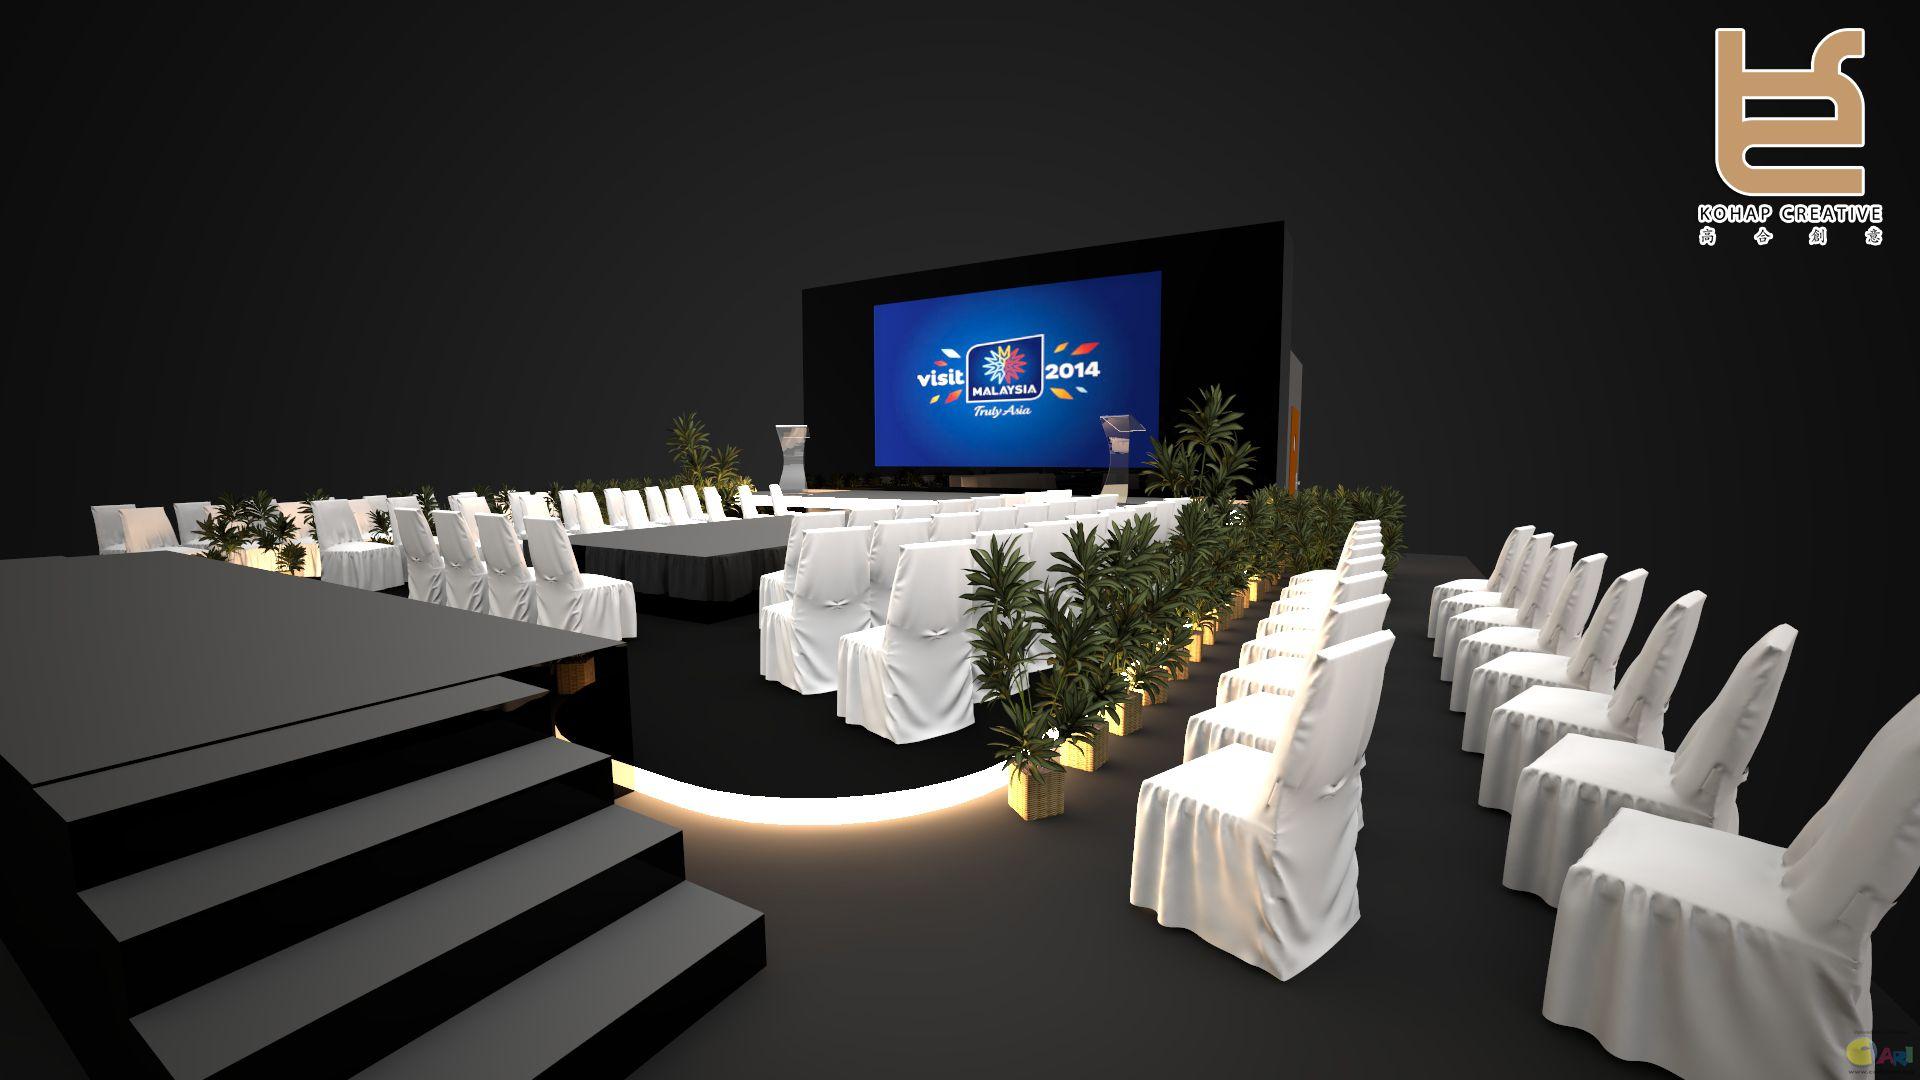 KC_VM2014_Event_View_03.jpg